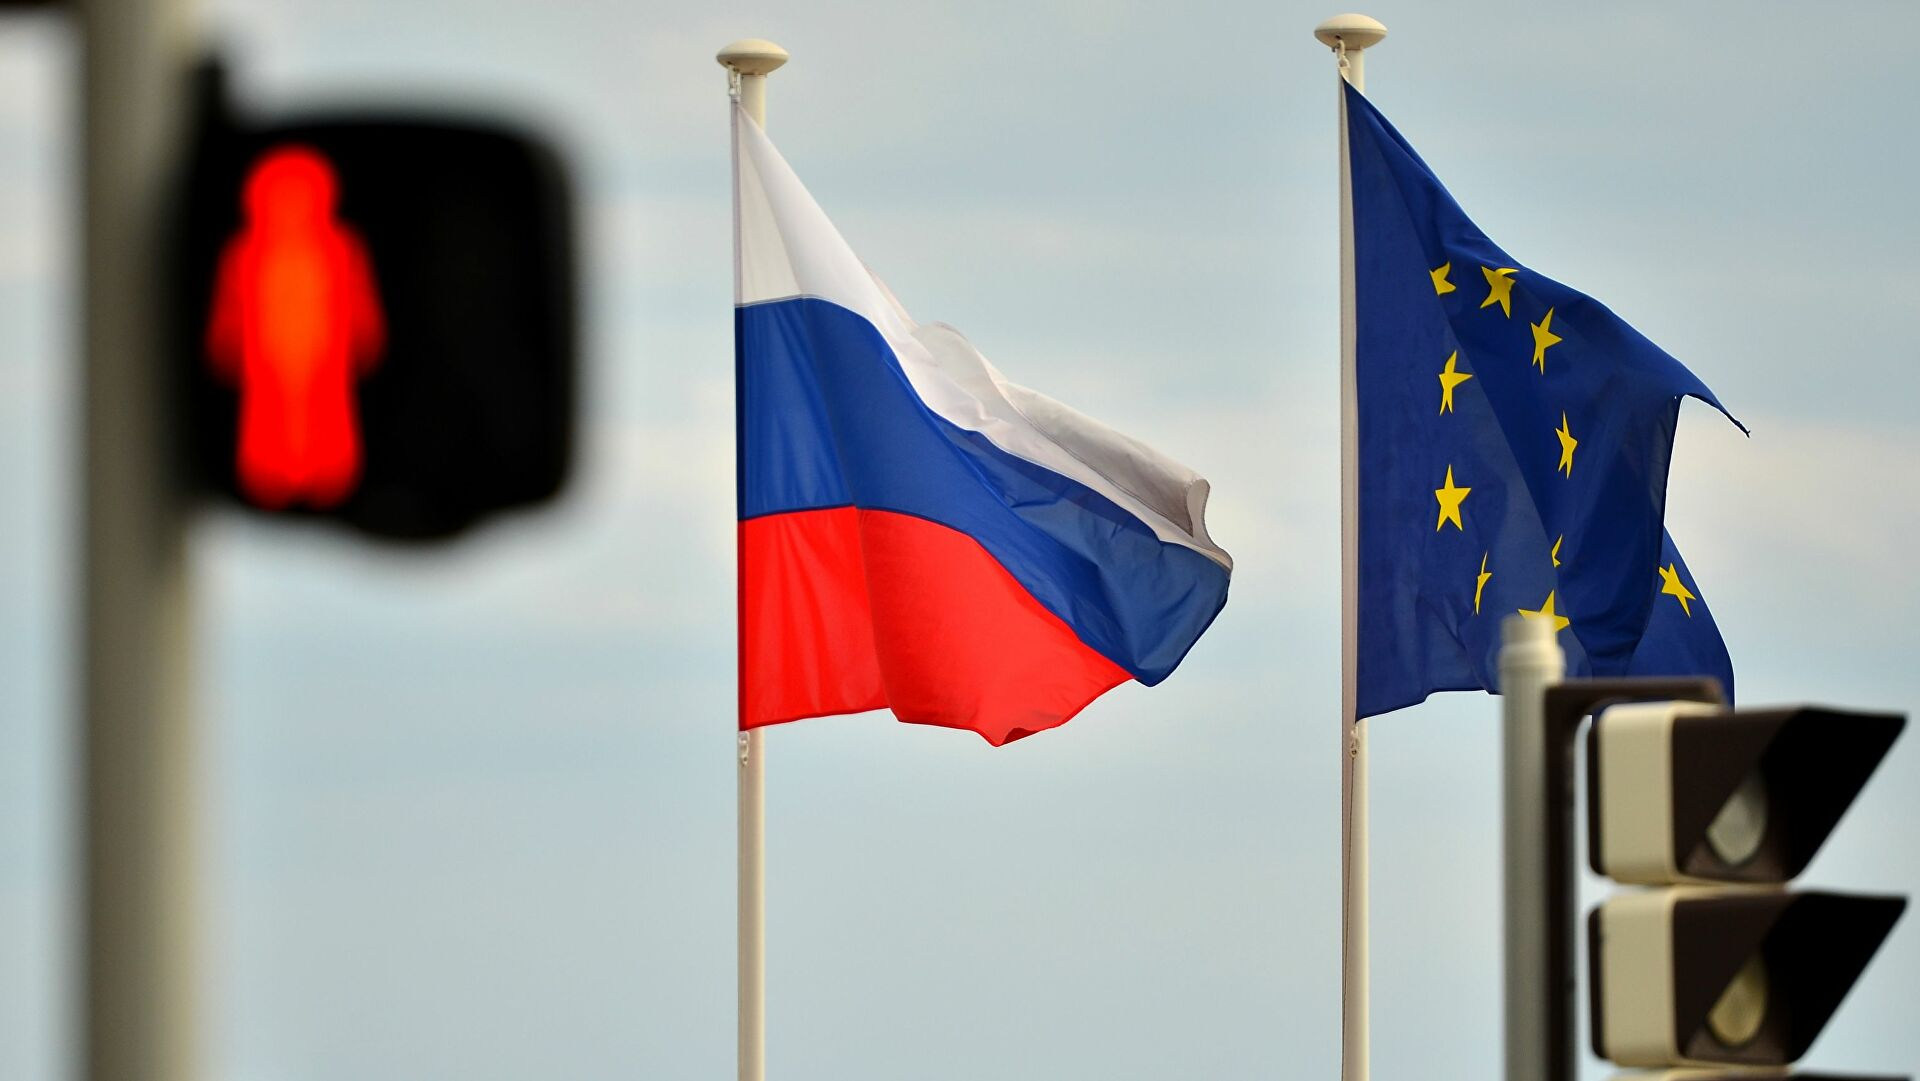 Црна Гора се придружила санкцијама ЕУ према Русији у вези Наваљног